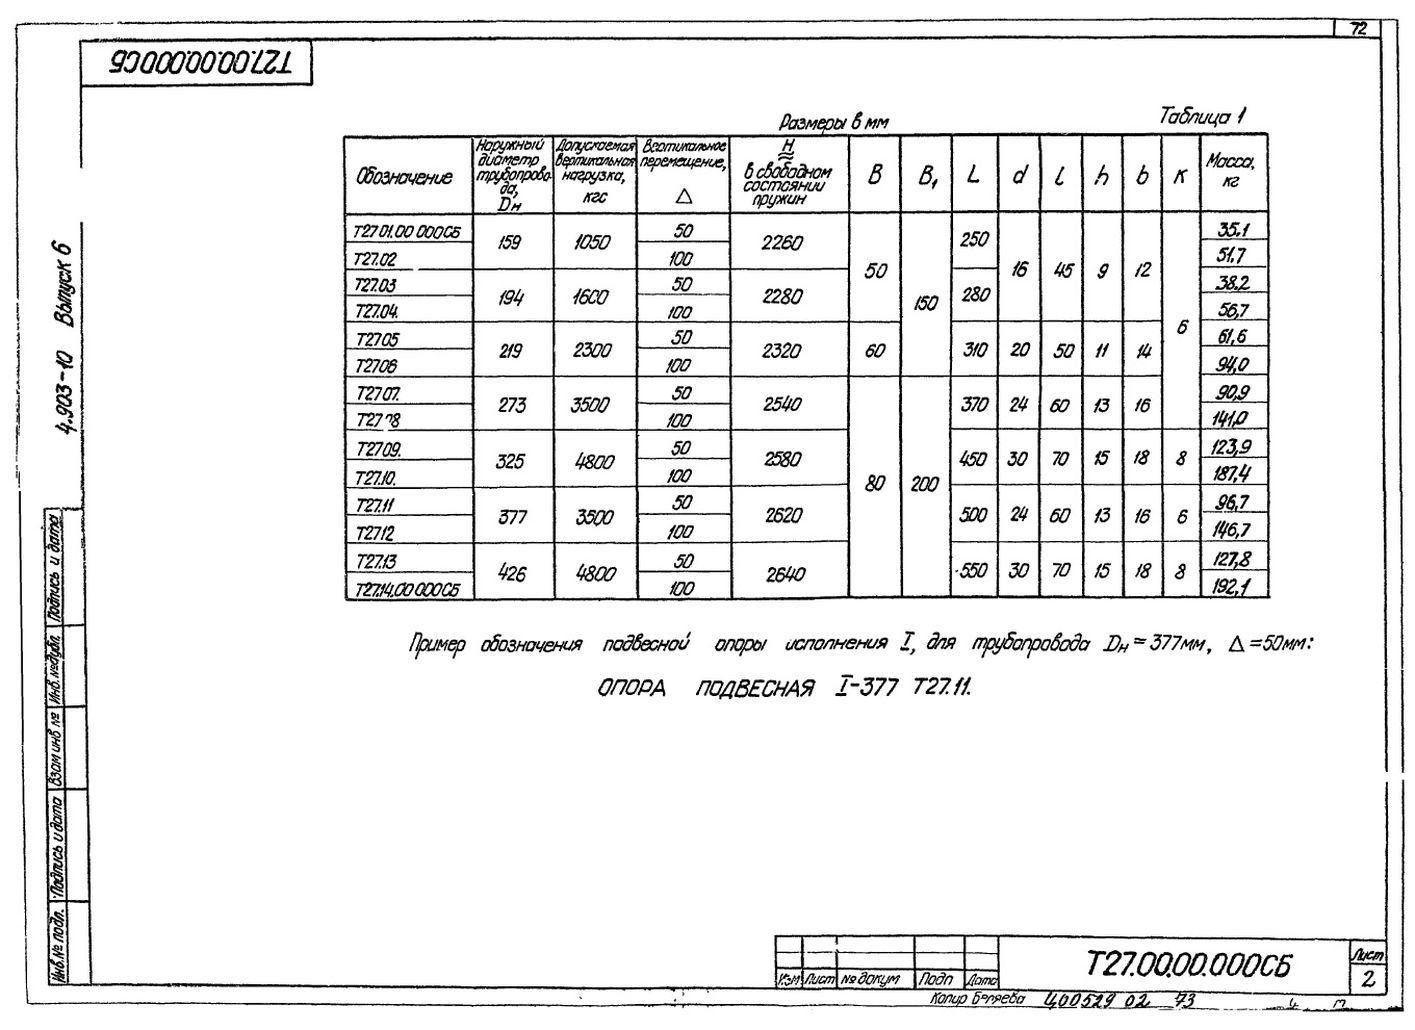 Опора подвесная пружинная Т27 с.4.903-10 вып.6 стр.2